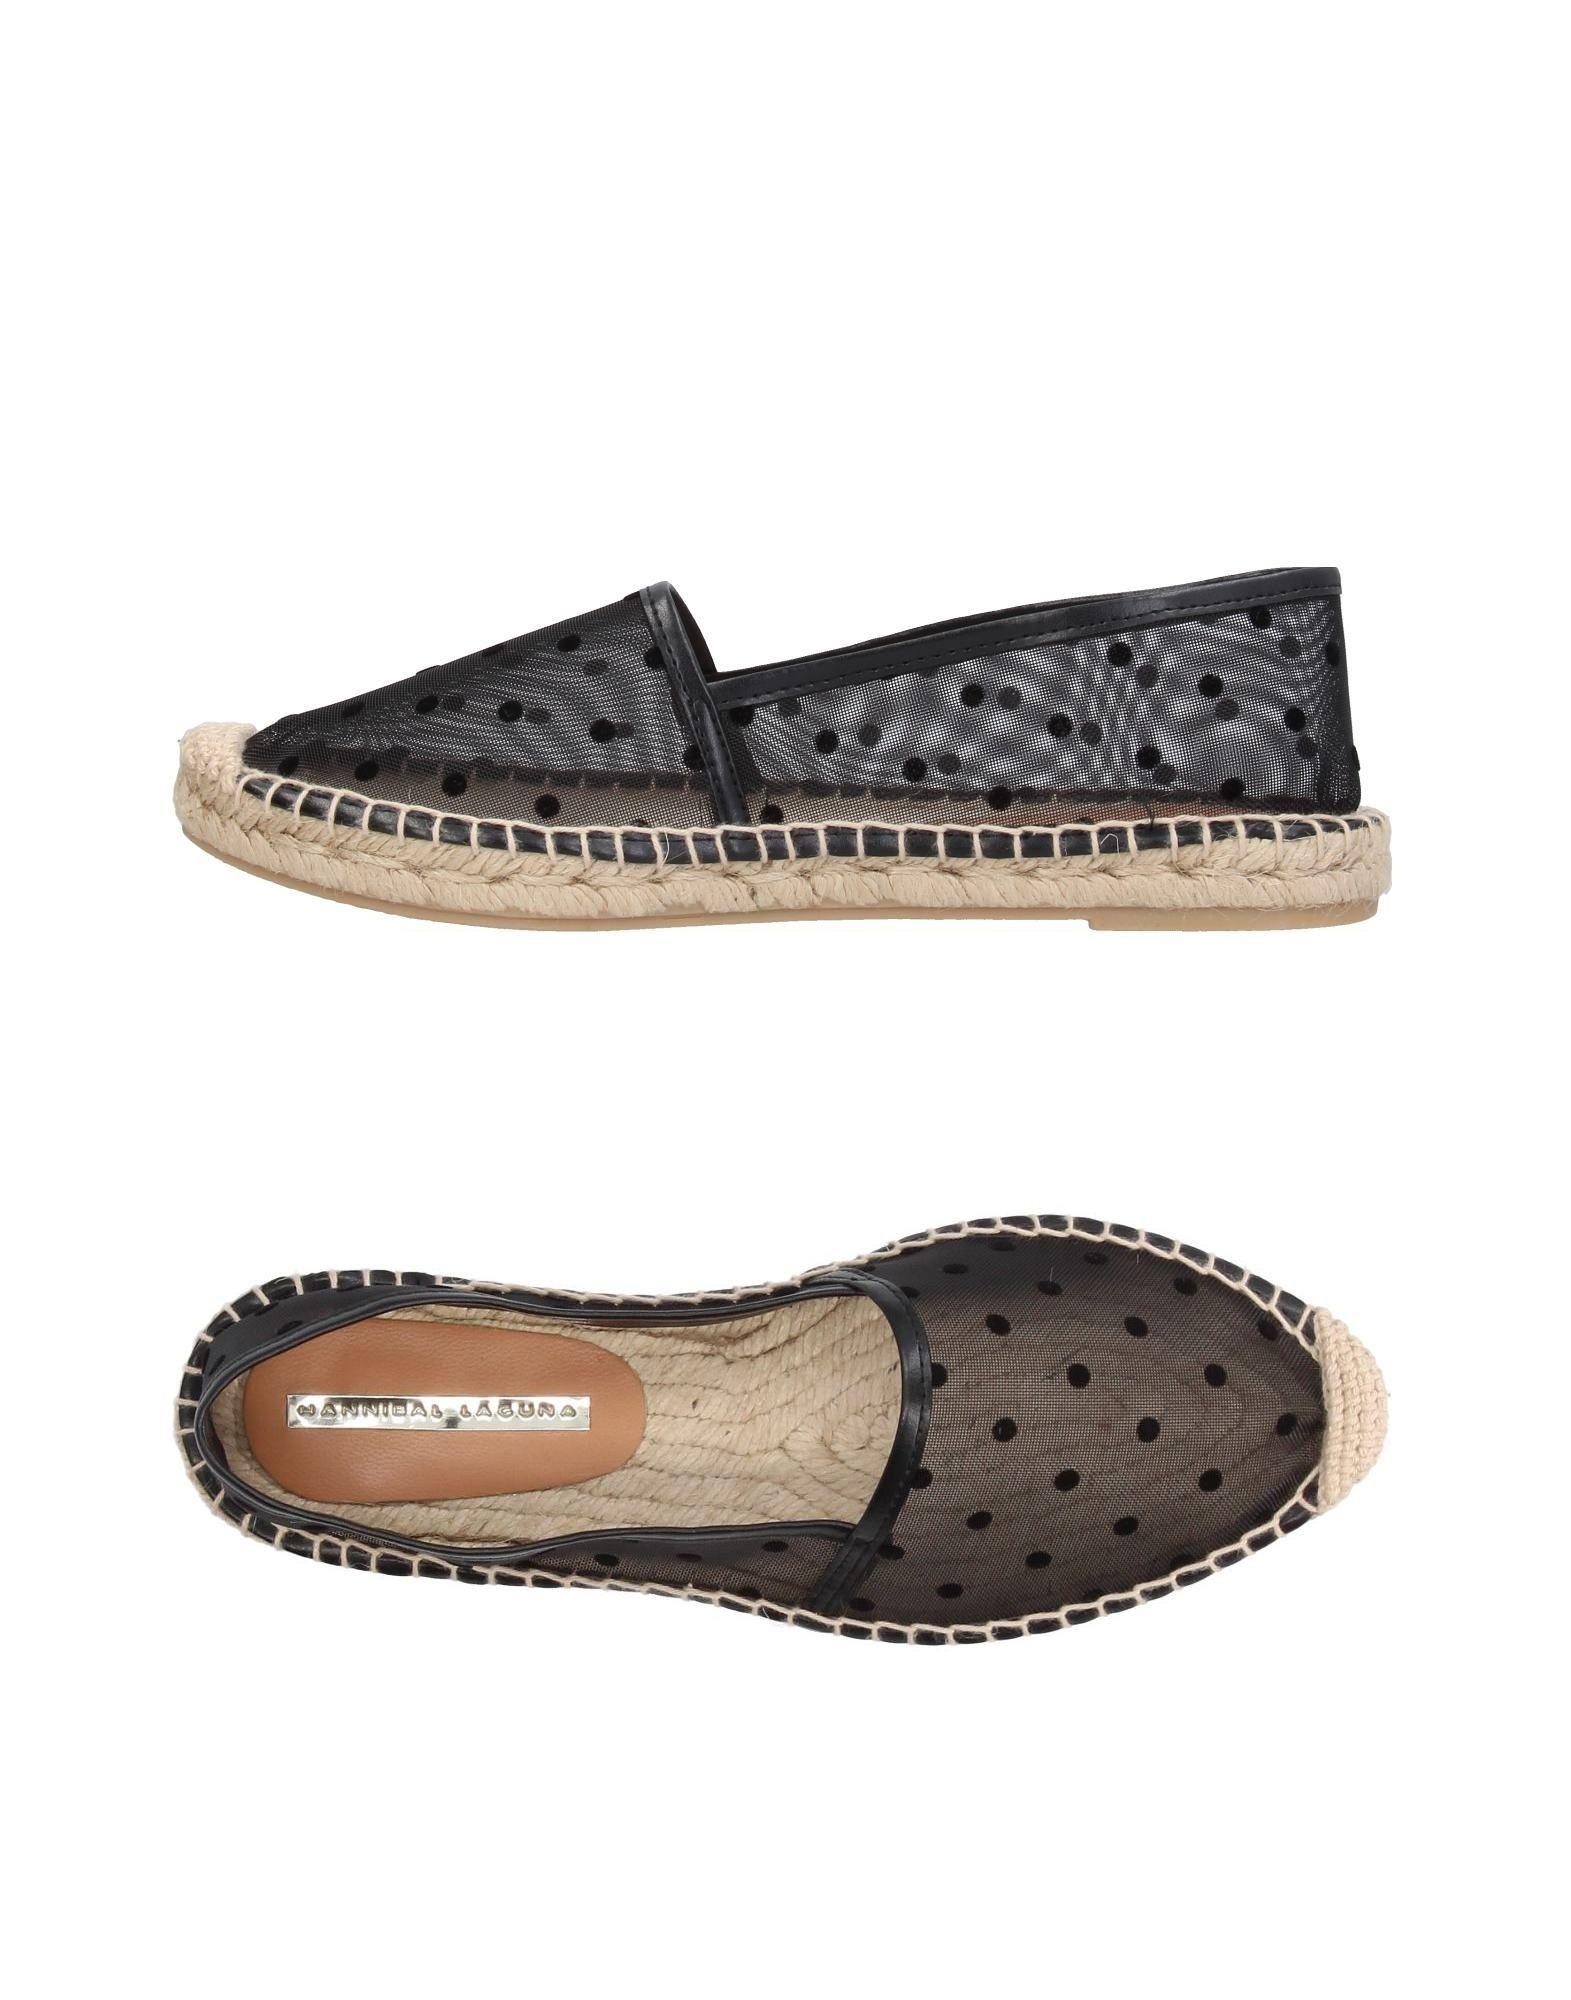 Hannibal Laguna Espadrilles Damen  11404272JT Gute Qualität beliebte Schuhe